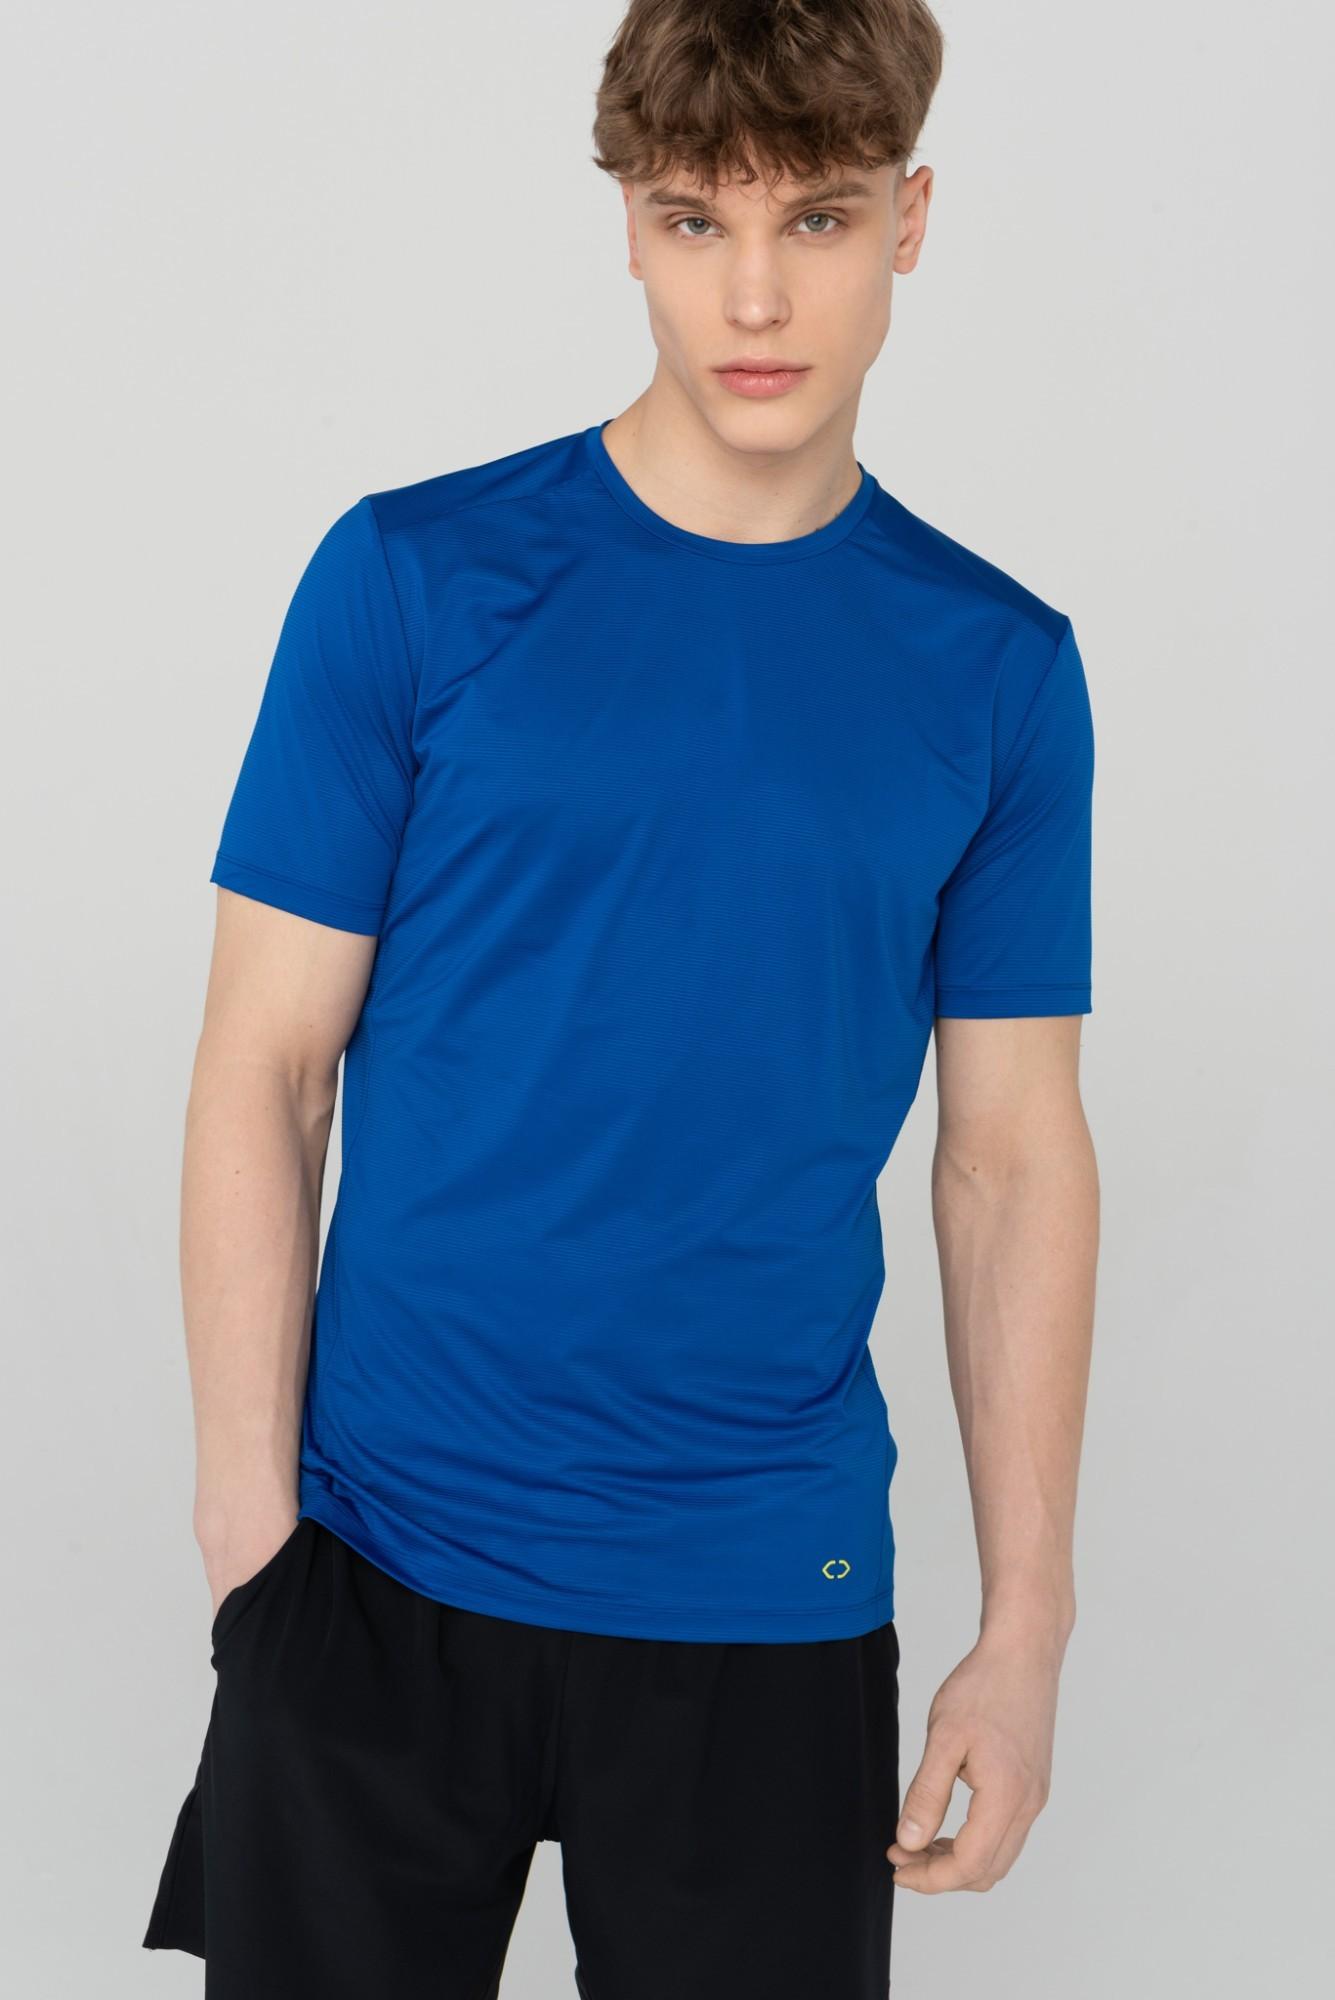 AUDIMAS Funkcionalūs marškinėliai 2111-714 Surf The Web L